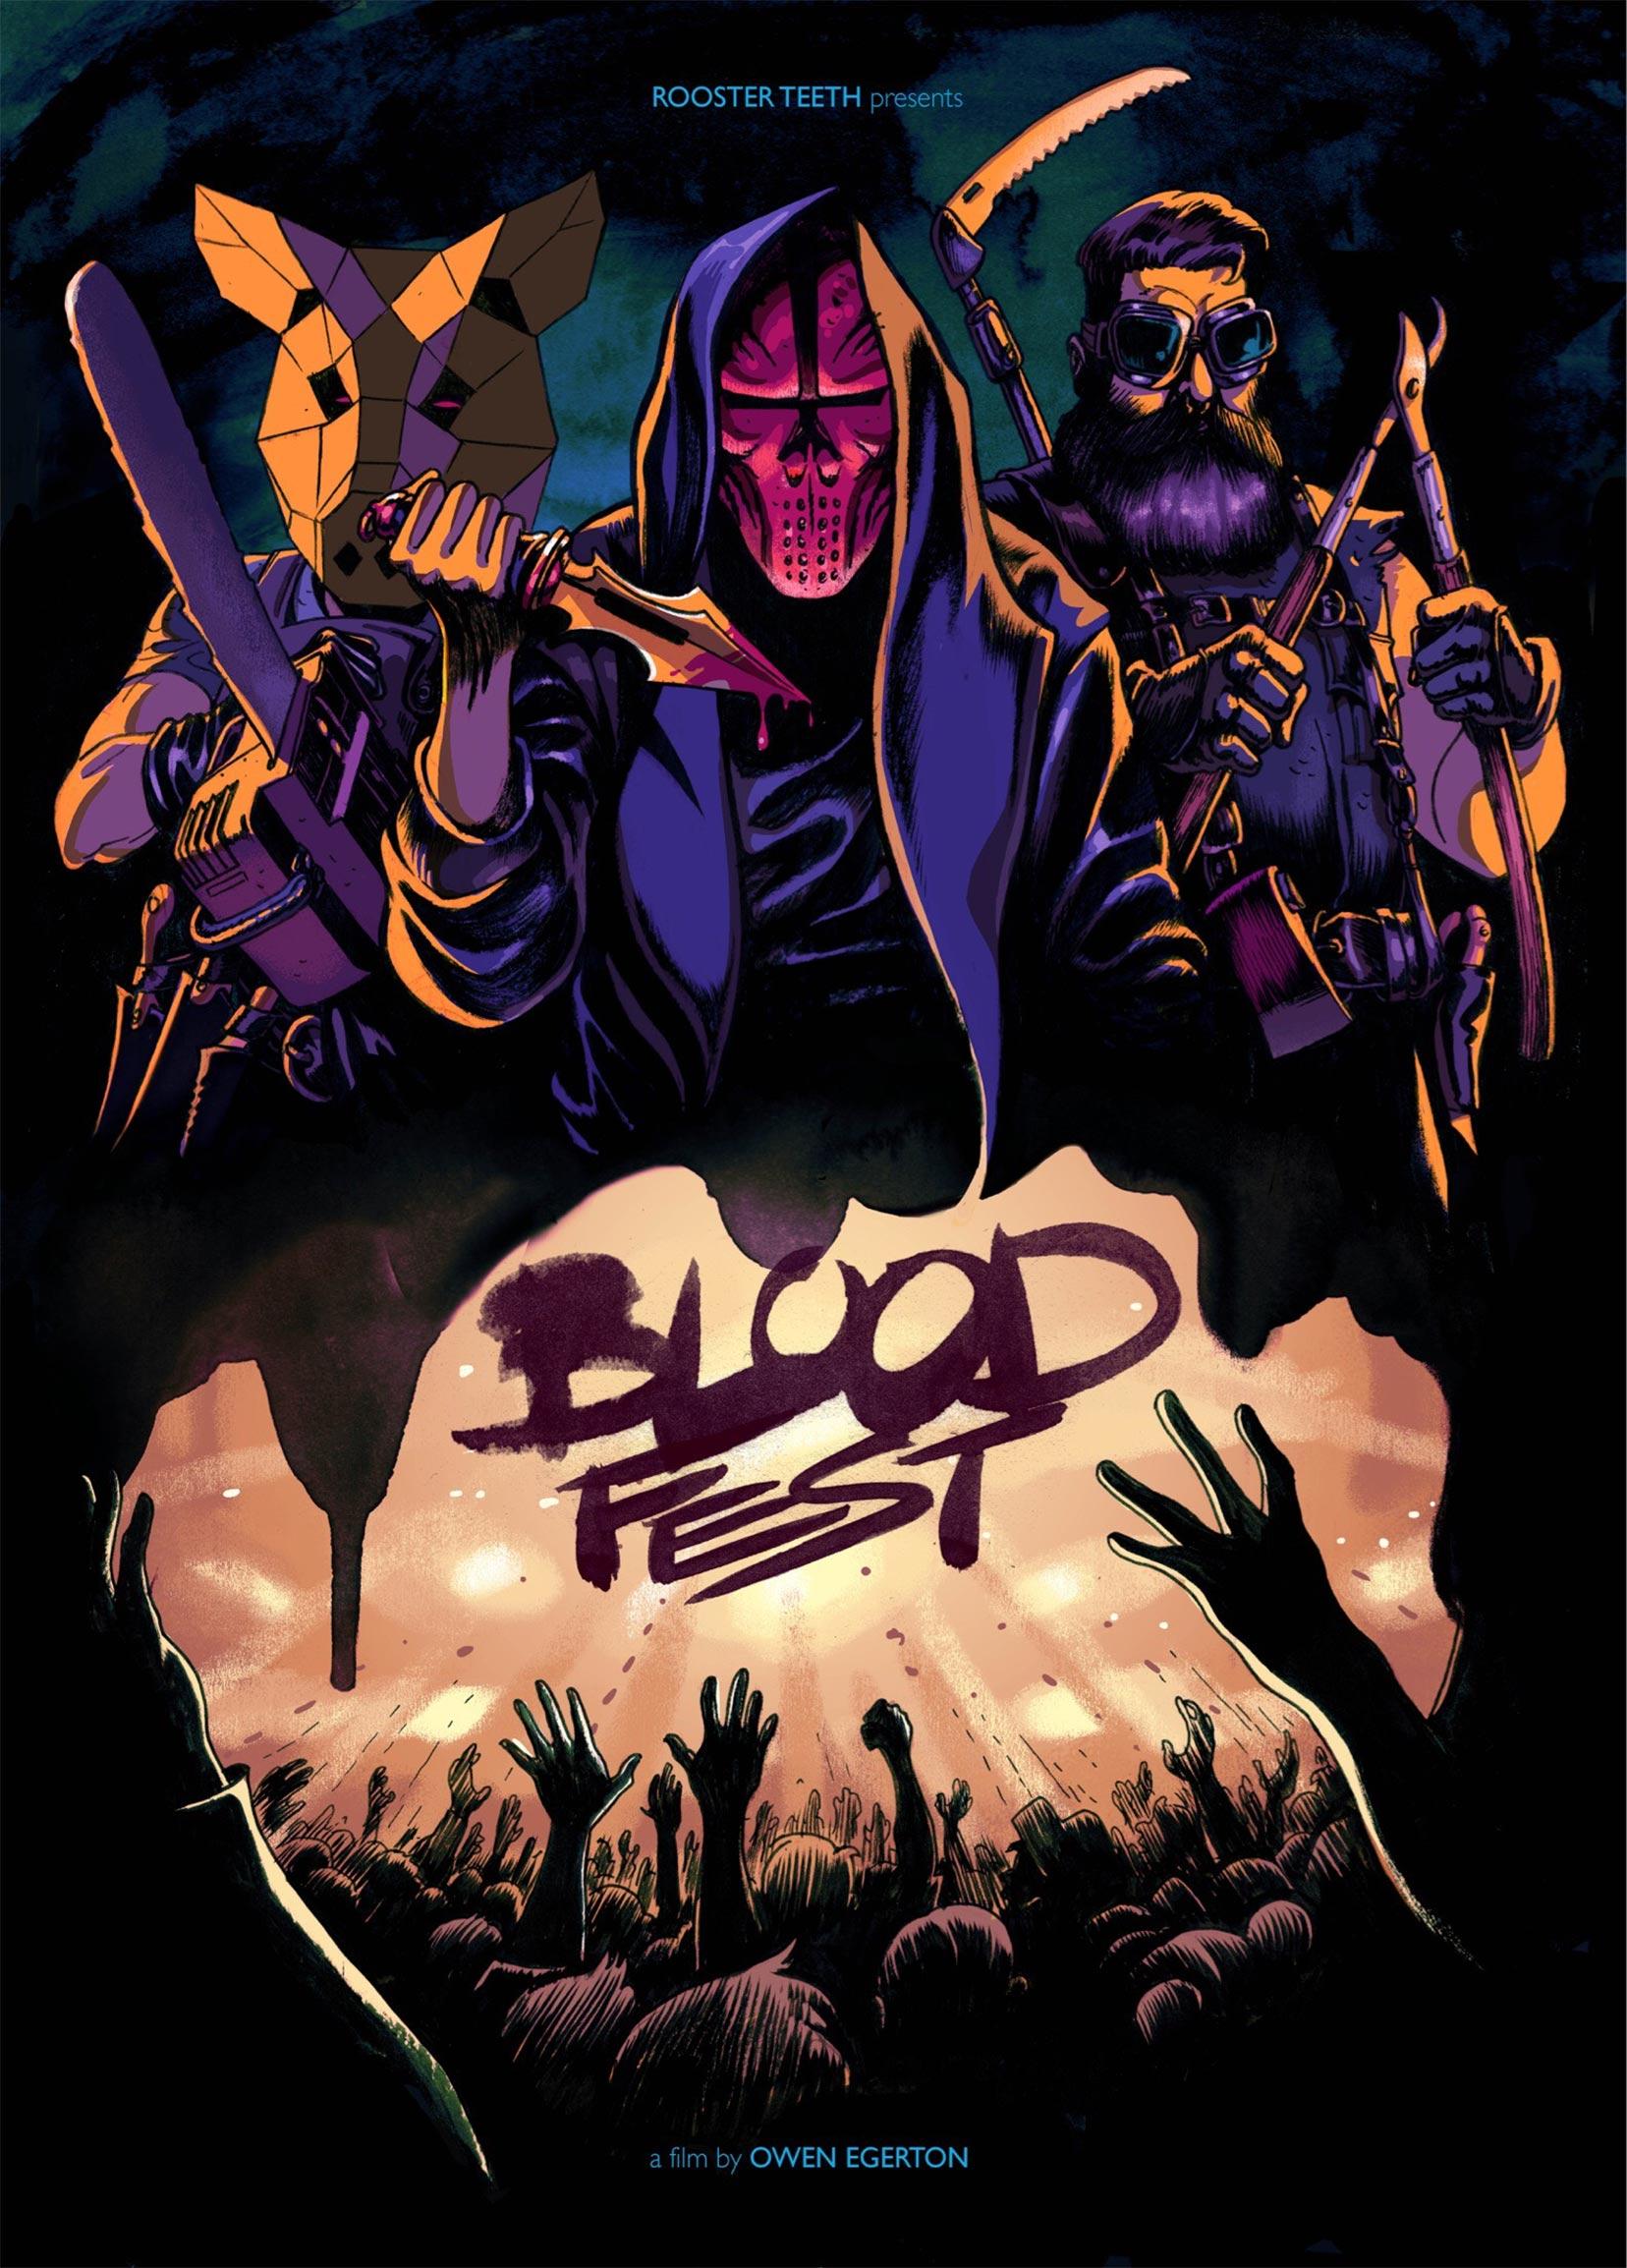 Blood Fest Poster #1